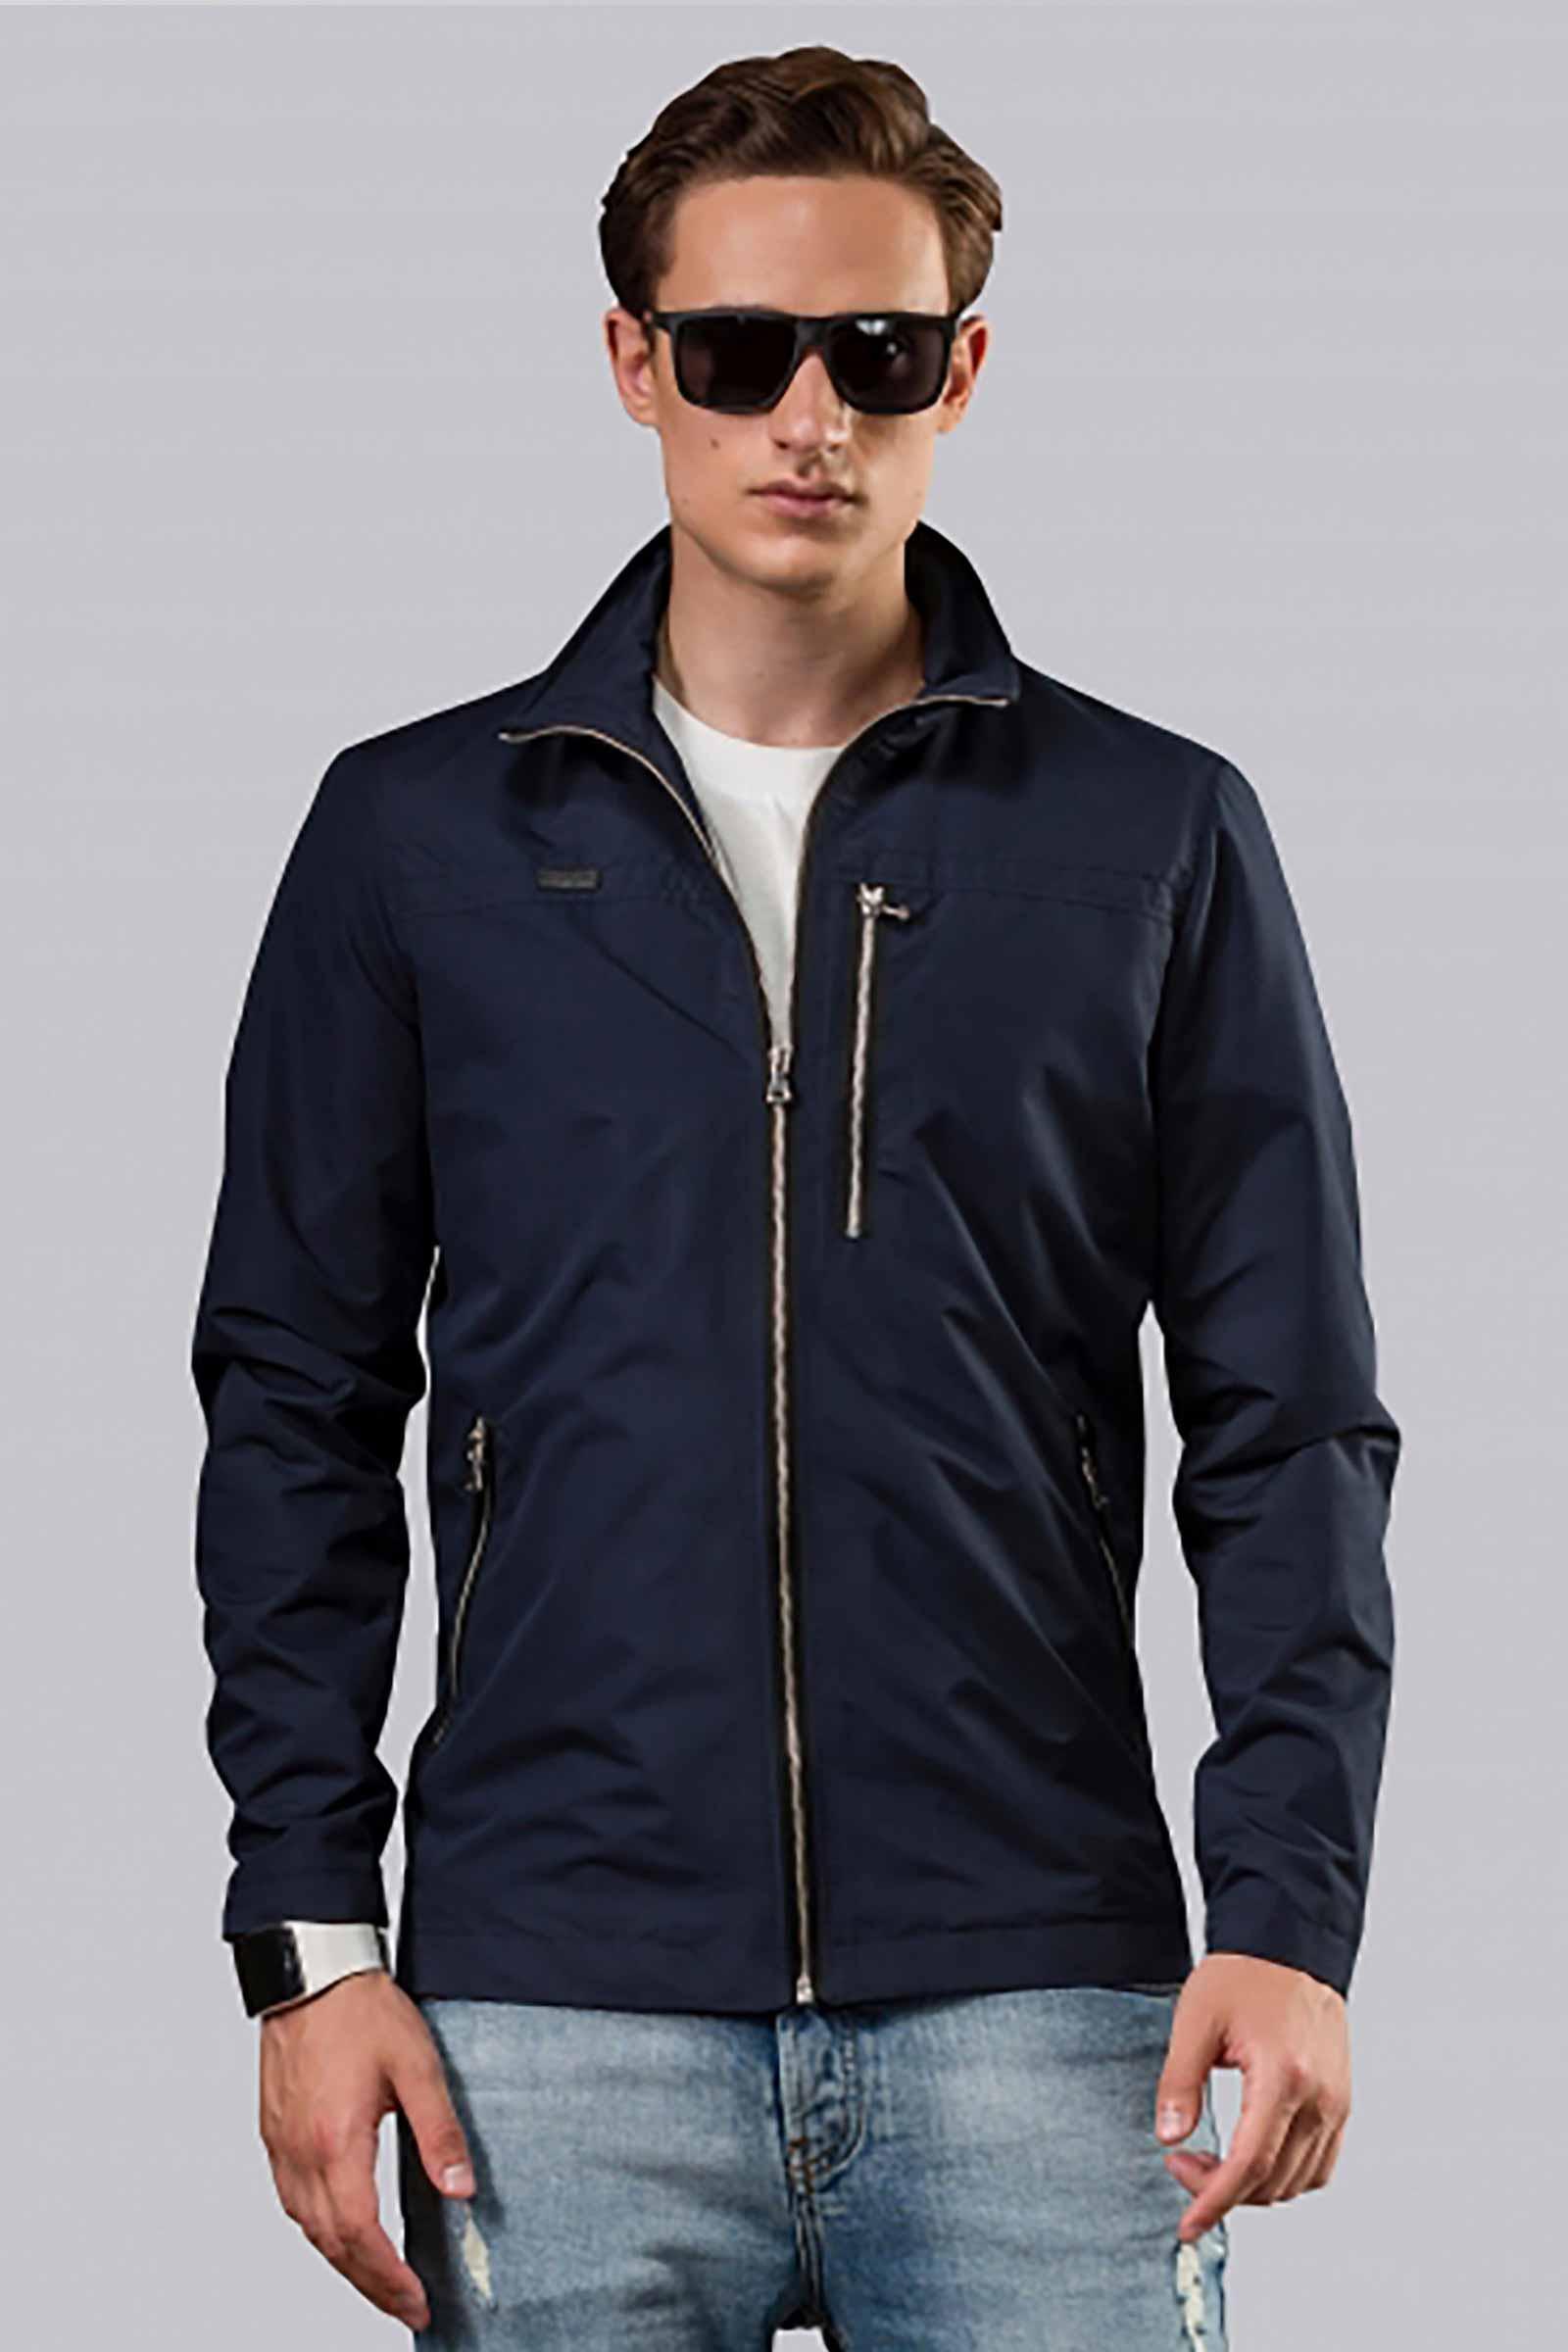 Купить мужскую синюю куртку Харьков - фото